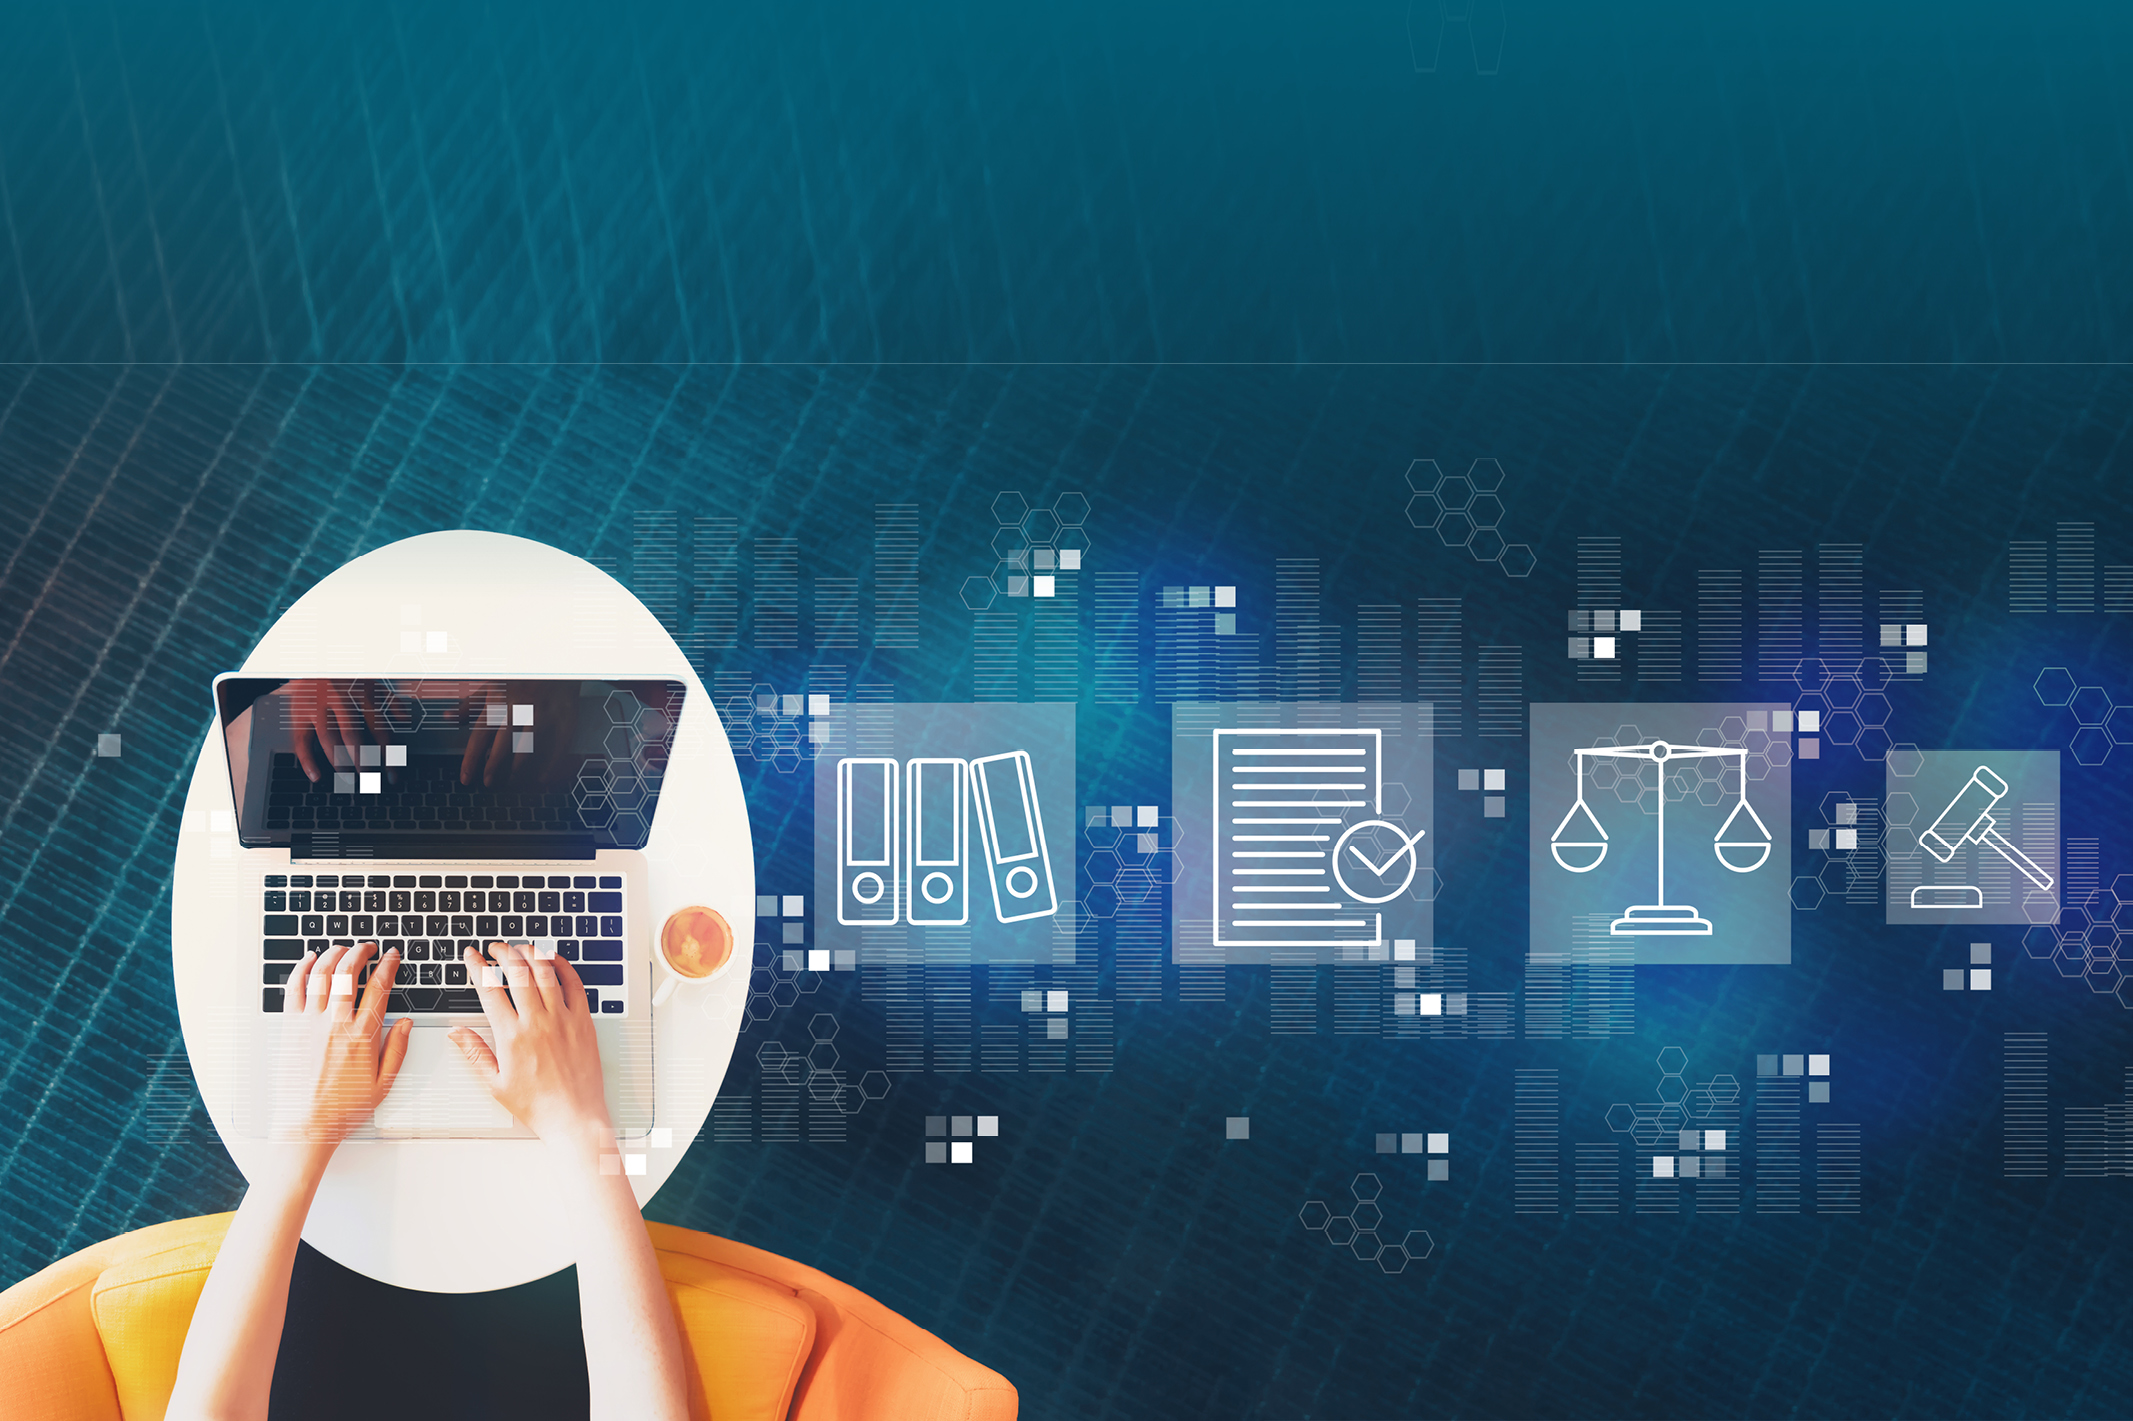 KanzleiTech!: Der Anwaltsberuf im digitalen Zeitalter